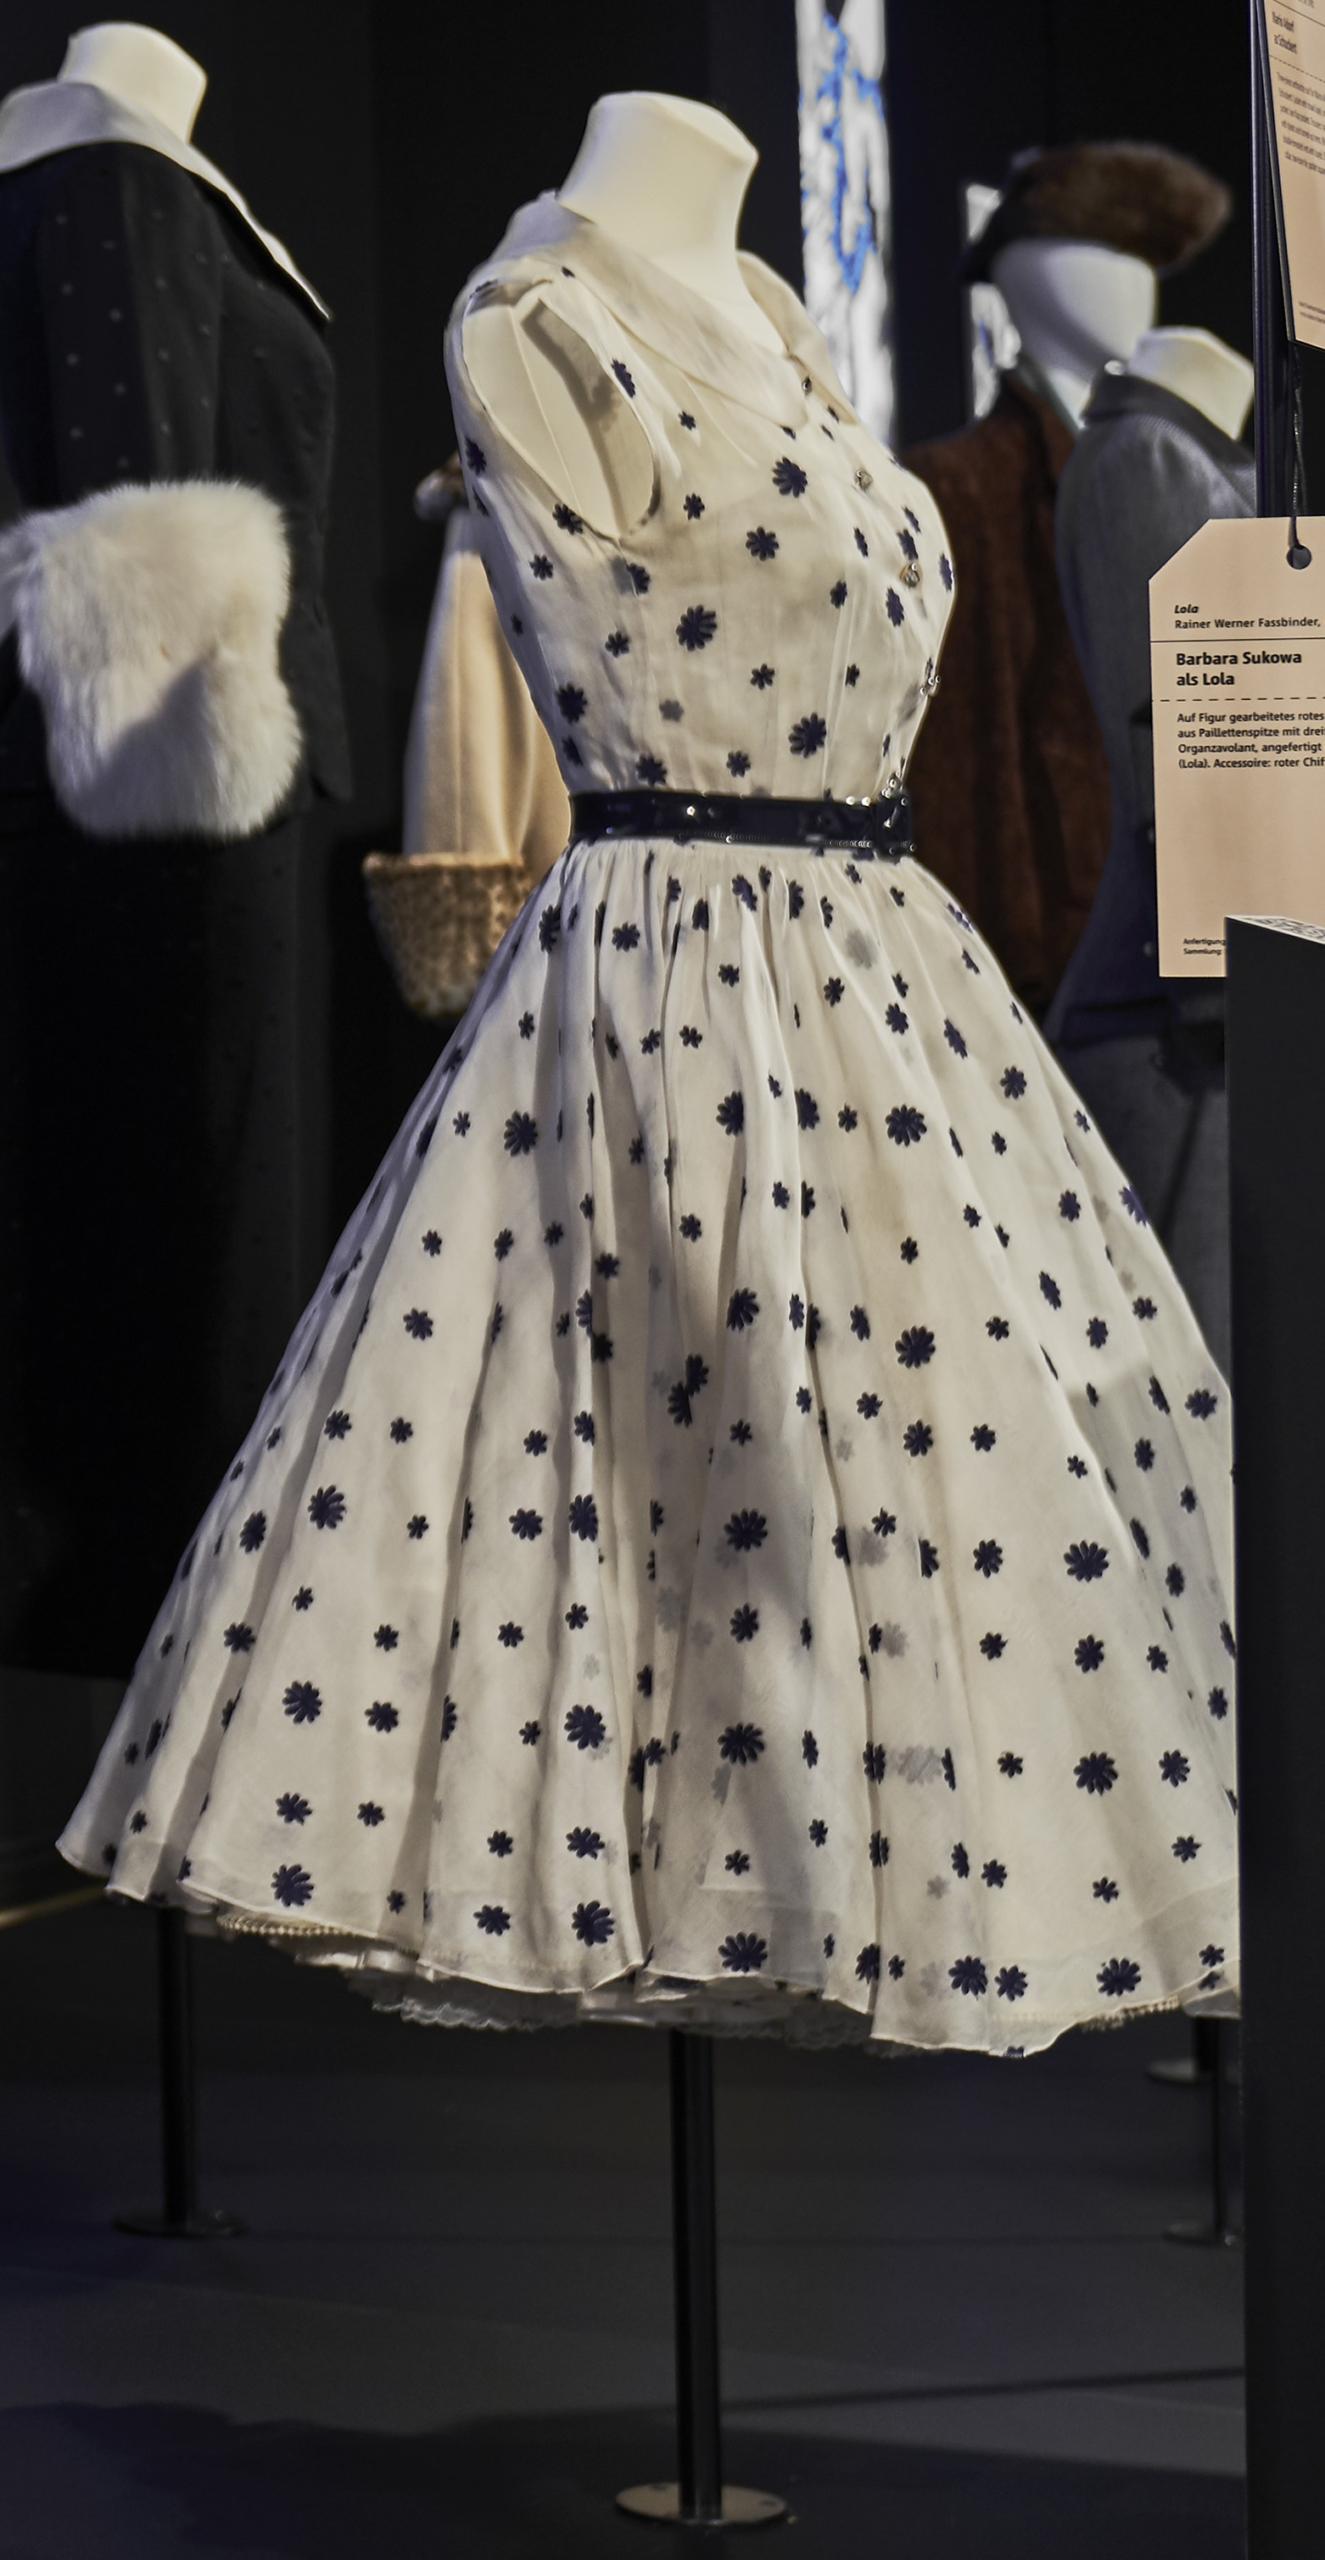 Lola: Duftiges Sommerkleid mit Korsageunterkleid aus weißem Organdy